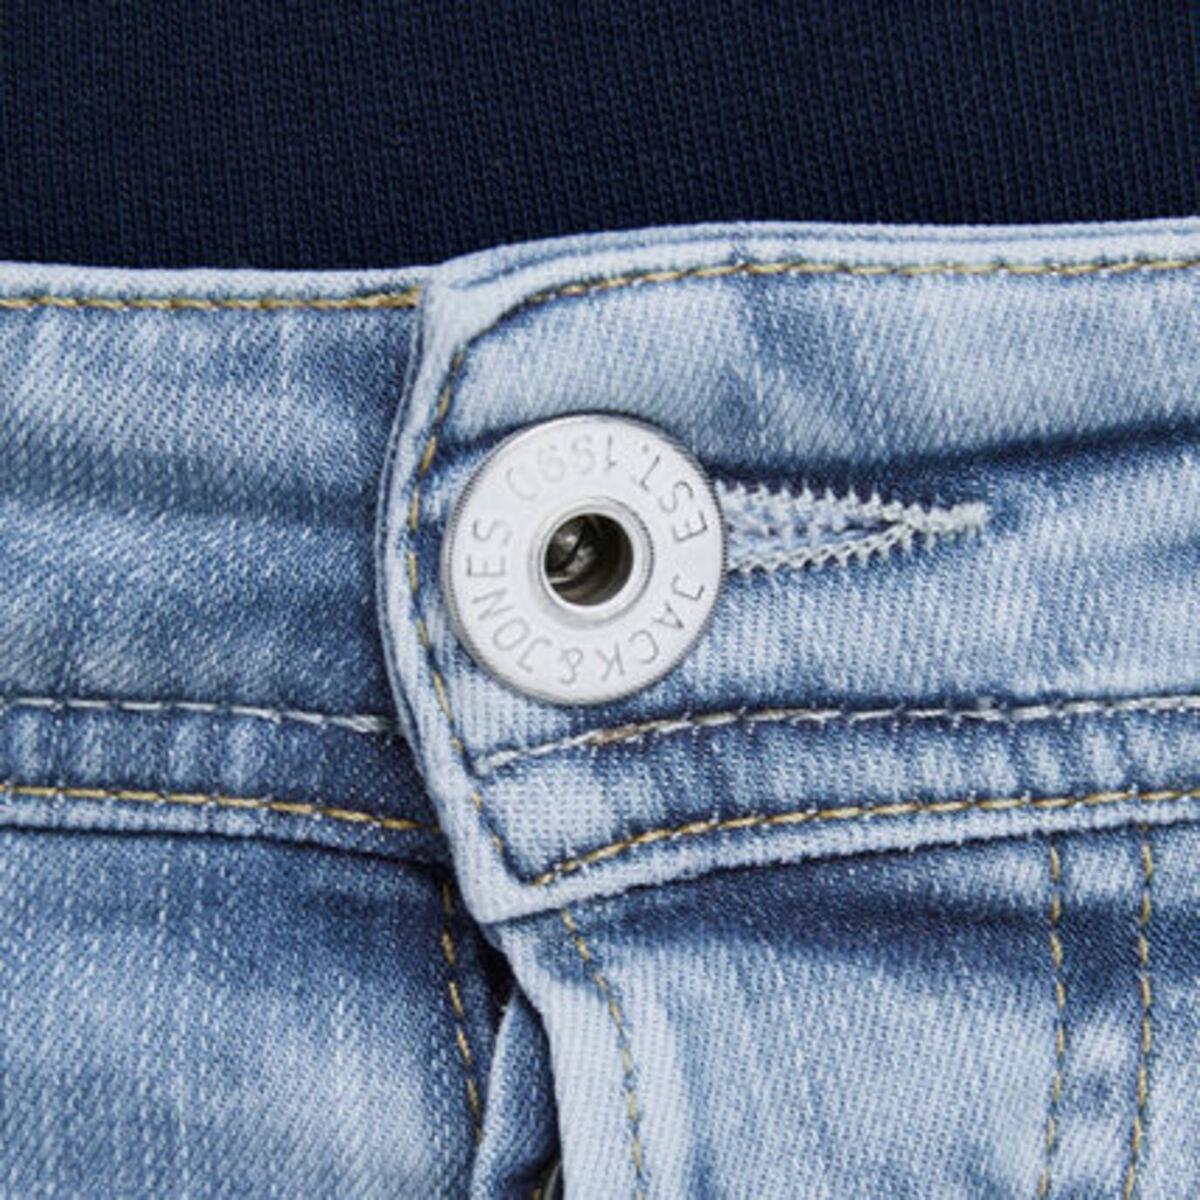 Bild 3 von Jack & Jones Glenn Original Jeans, Slim Fit, Tapered, Low Rise, Waschung, für Herren